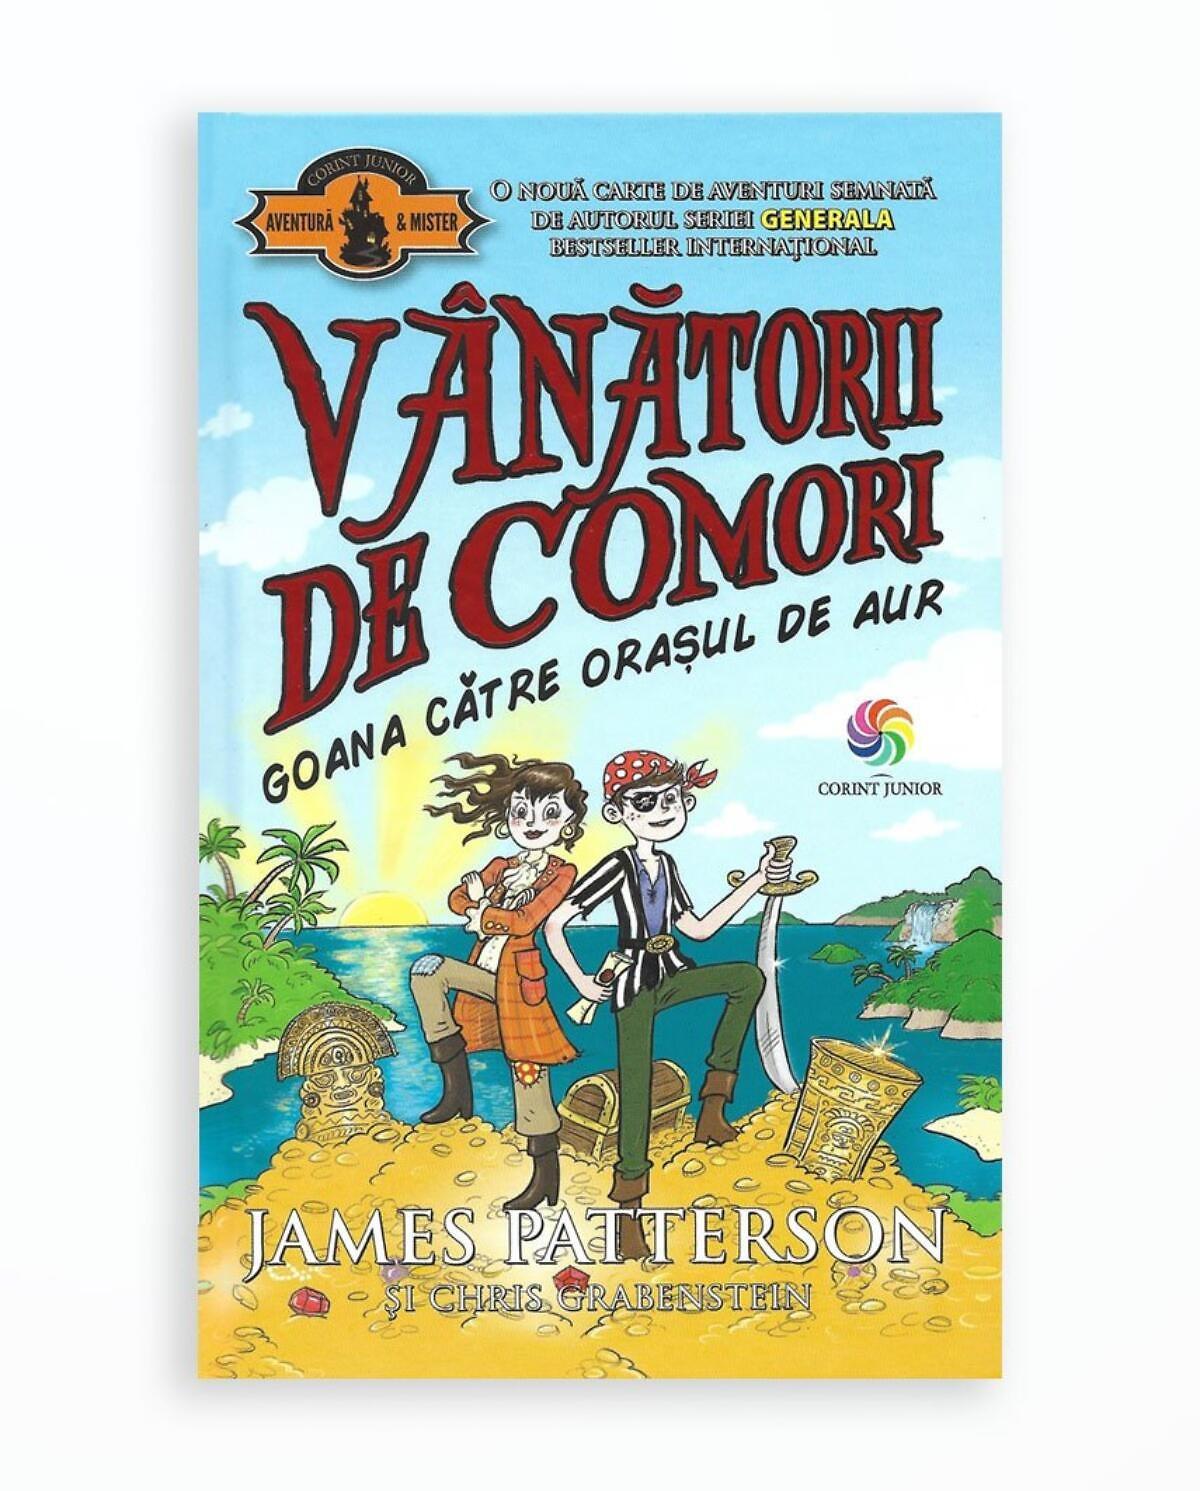 VANATORII DE COMORI VOL. 5 - GOANA CATRE ORASUL DE AUR